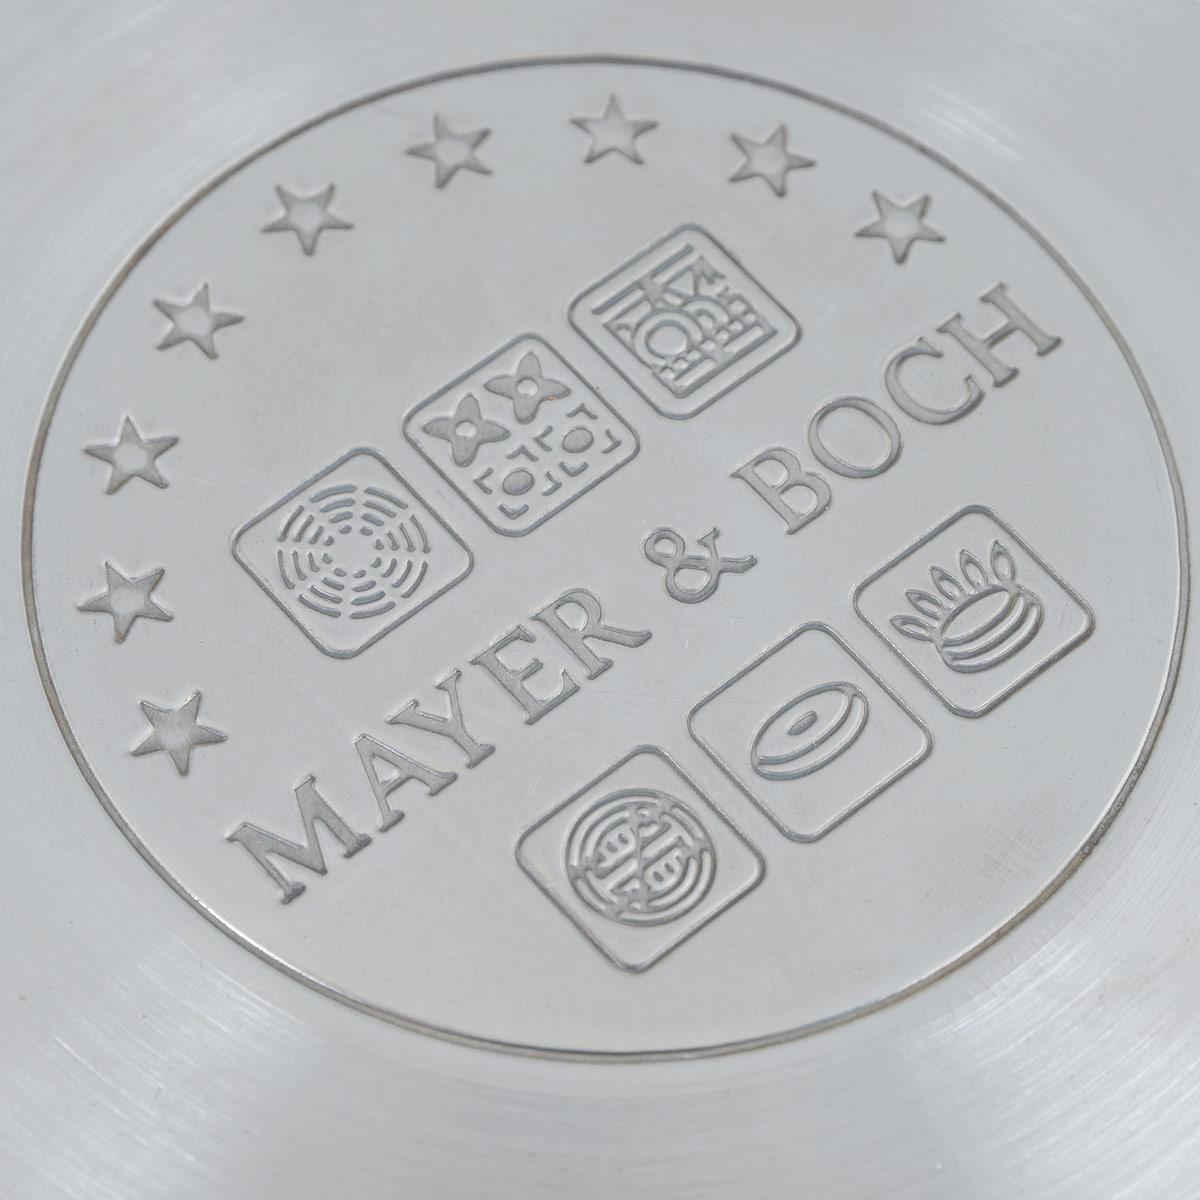 """Сотейник """"Mayer & Boch"""" изготовлен из высококачественной нержавеющей стали. Комбинация зеркальной и матовой полировки придает посуде безупречный внешний вид. Гладкая, идеально ровная поверхность легко очищается. Сотейник предназначен для здорового и экологического приготовления пищи. Удобная ручка имеет матовое покрытие и отверстие для подвешивания на крючок. Внутренние стенки имеют отметки литража. Крышка выполнена из термостойкого стекла, снабжена металлическим ободом и отверстием для выпуска пара. Сотейник можно использовать на всех типах плит, включая индукционные. Можно мыть в посудомоечной посуде. Диаметр (по верхнему краю): 14 см. Высота стенки: 7,5 см. Длина ручки: 15 см. УВАЖАЕМЫЕ КЛИЕНТЫ!  Обращаем ваше внимание на тот факт, что объем указан максимальный, с учетом полного наполнения до кромки. Шкала на внутренней стенке изделия имеет меньший литраж."""